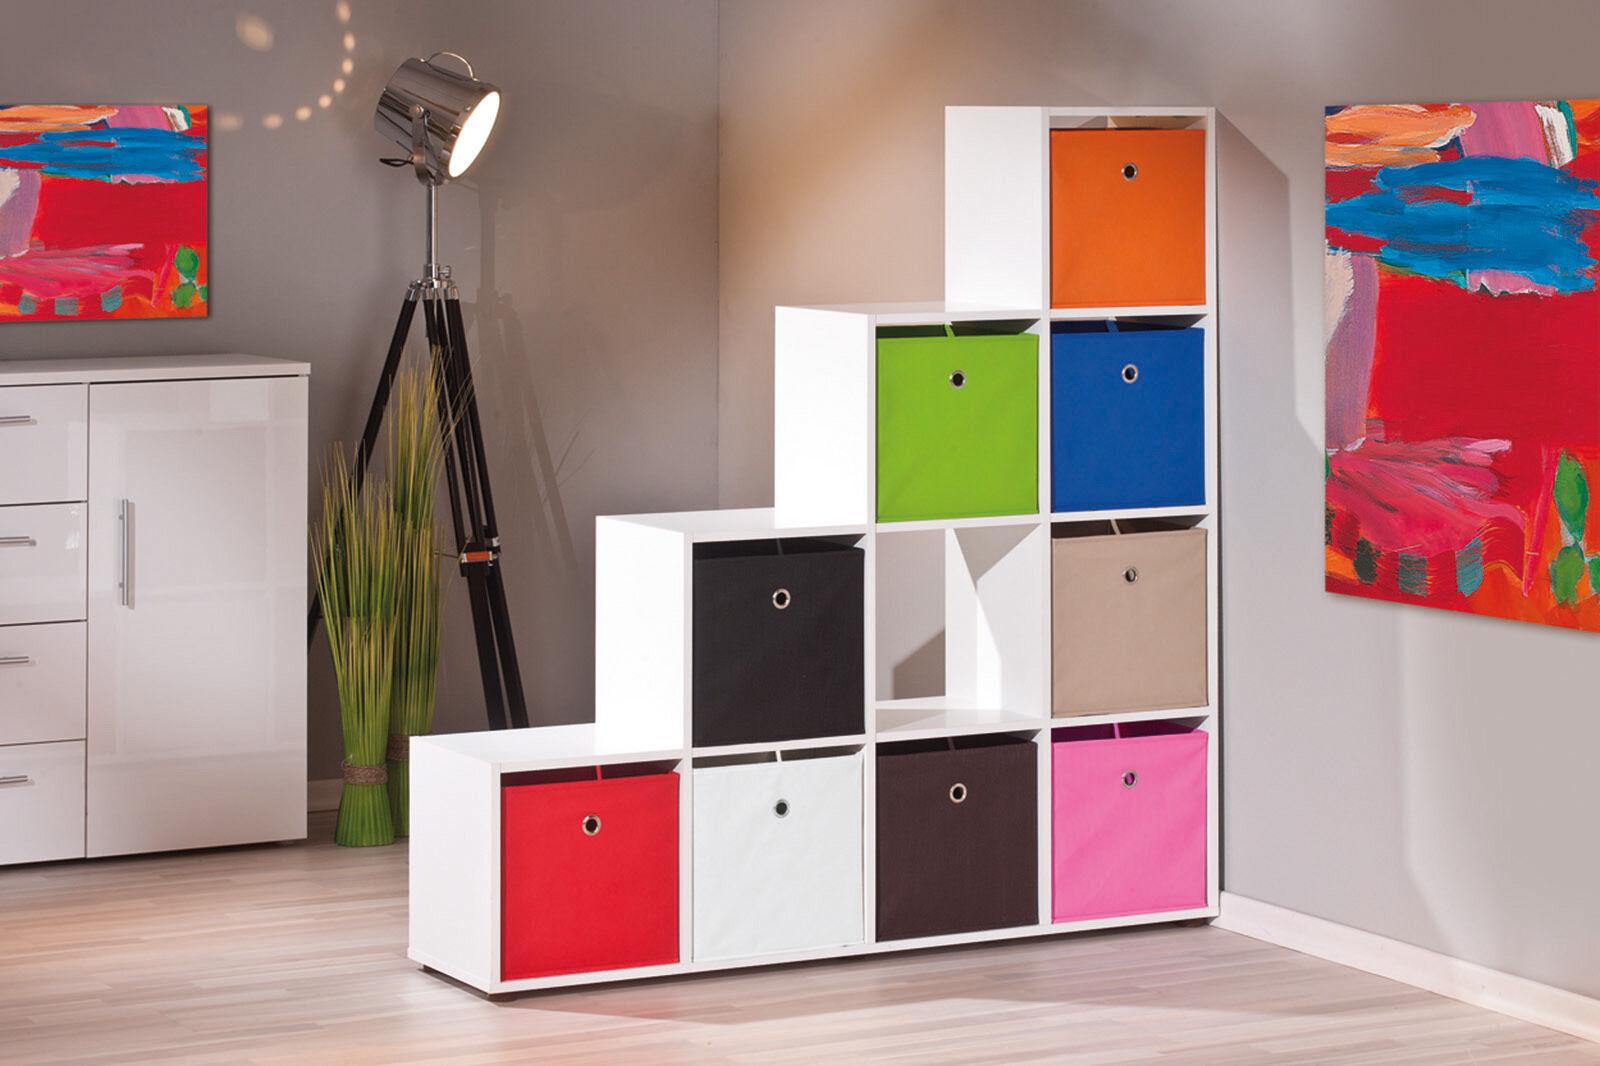 boite de rangement cube pliable casier jouets module pour tag re noir eur 8 00 picclick fr. Black Bedroom Furniture Sets. Home Design Ideas